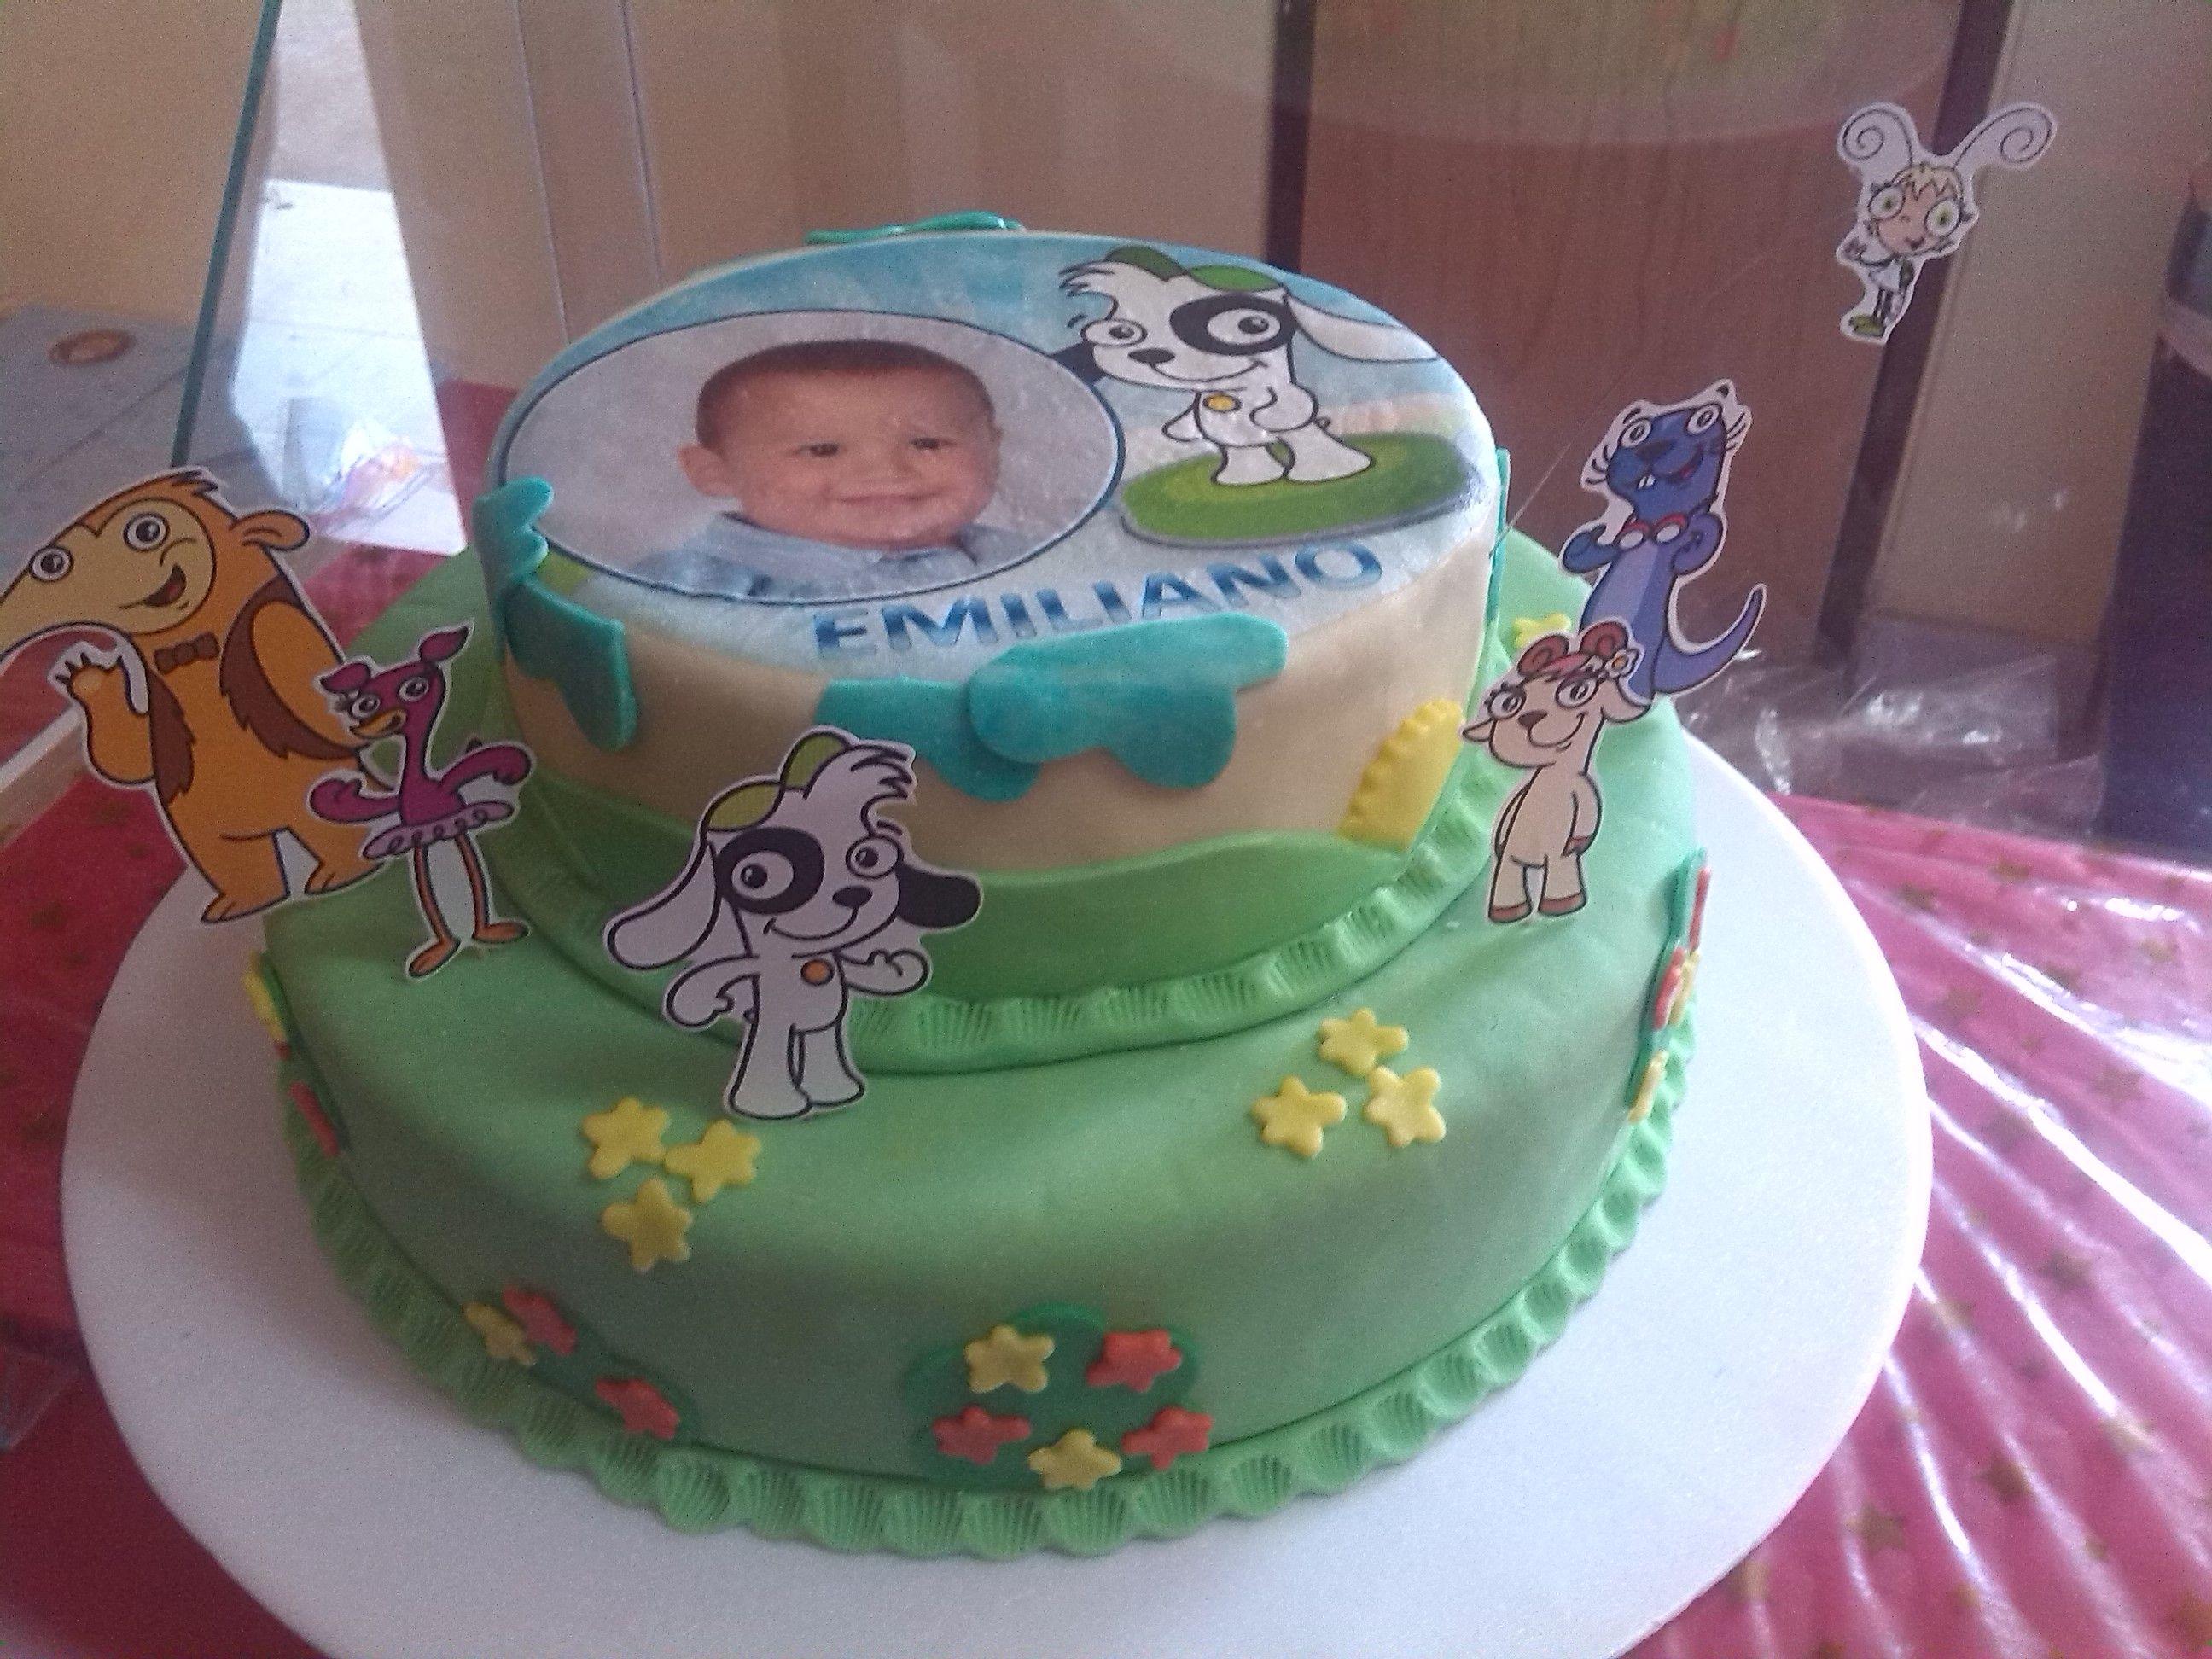 Pasteleria denaranjo torta con decoracion mixta mazapan for Decoracion de tortas infantiles